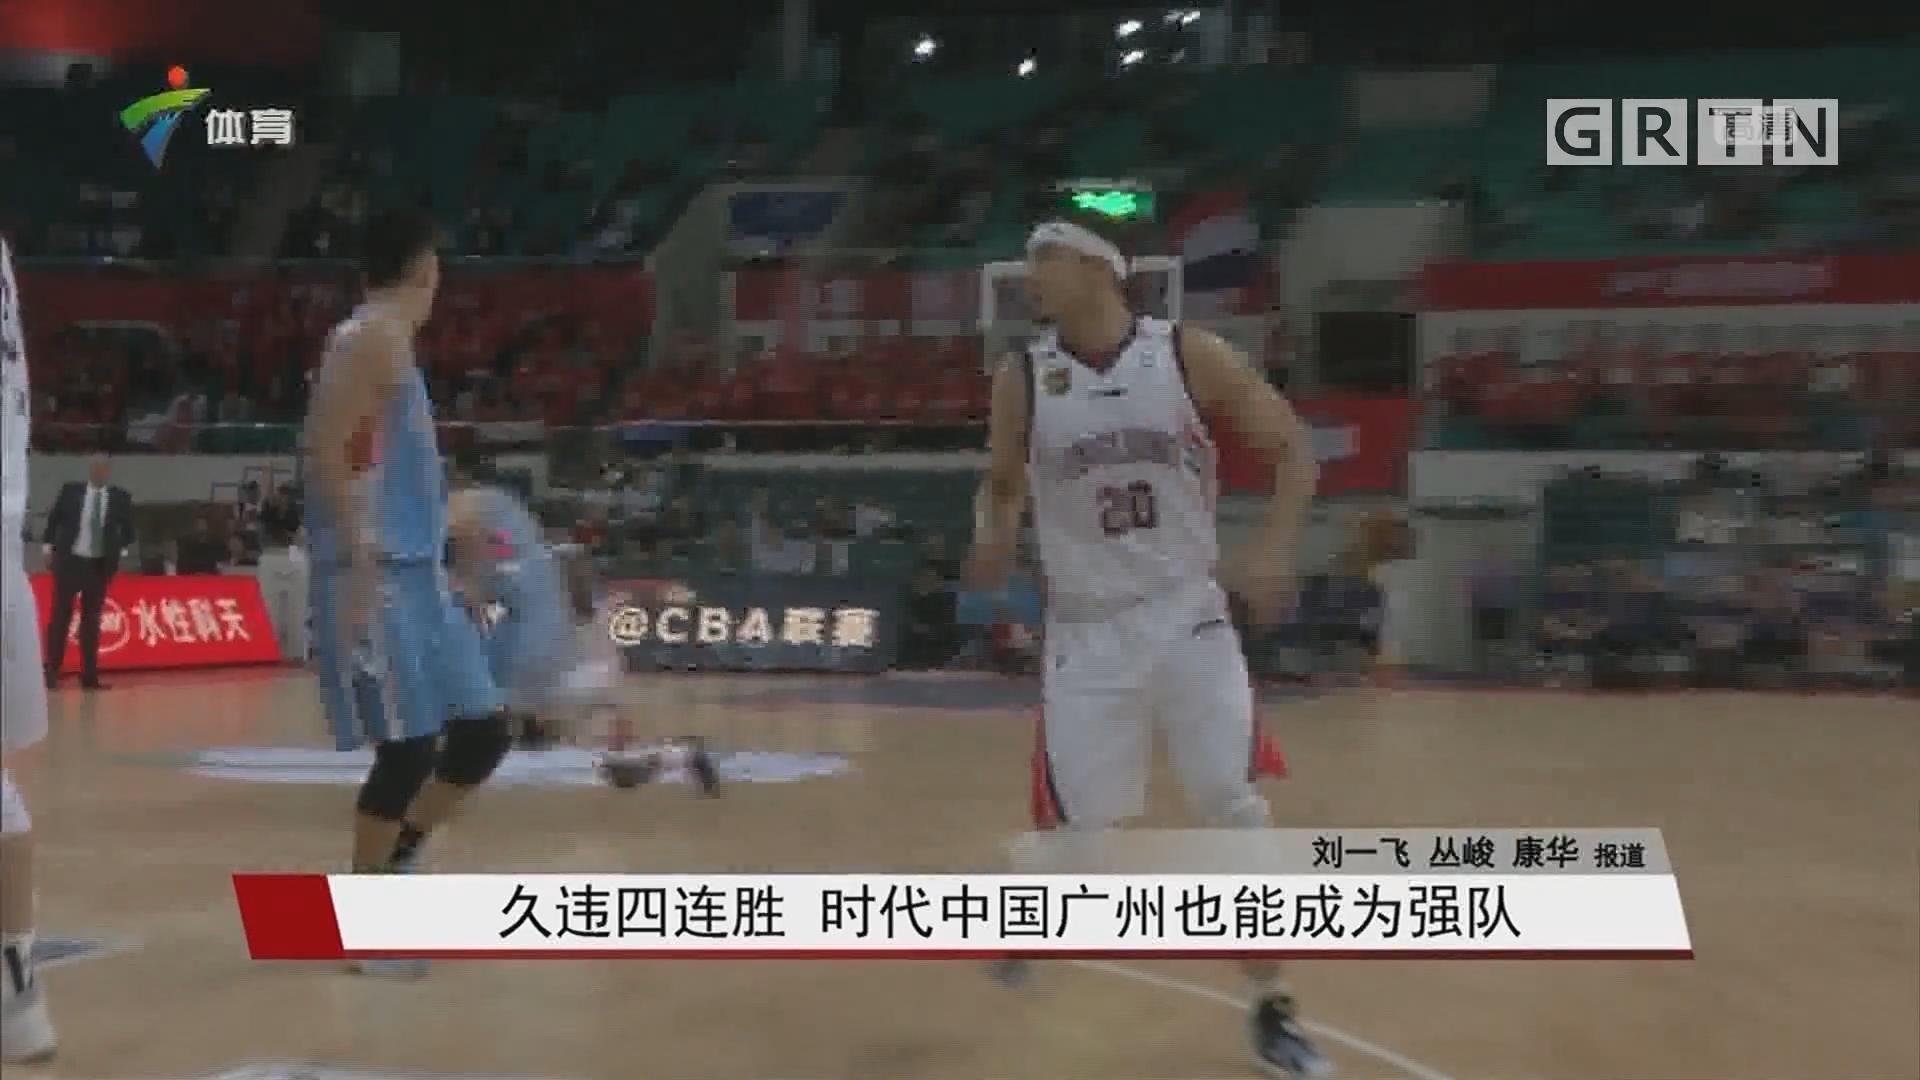 久违四连胜 时代中国广州也能成为强队